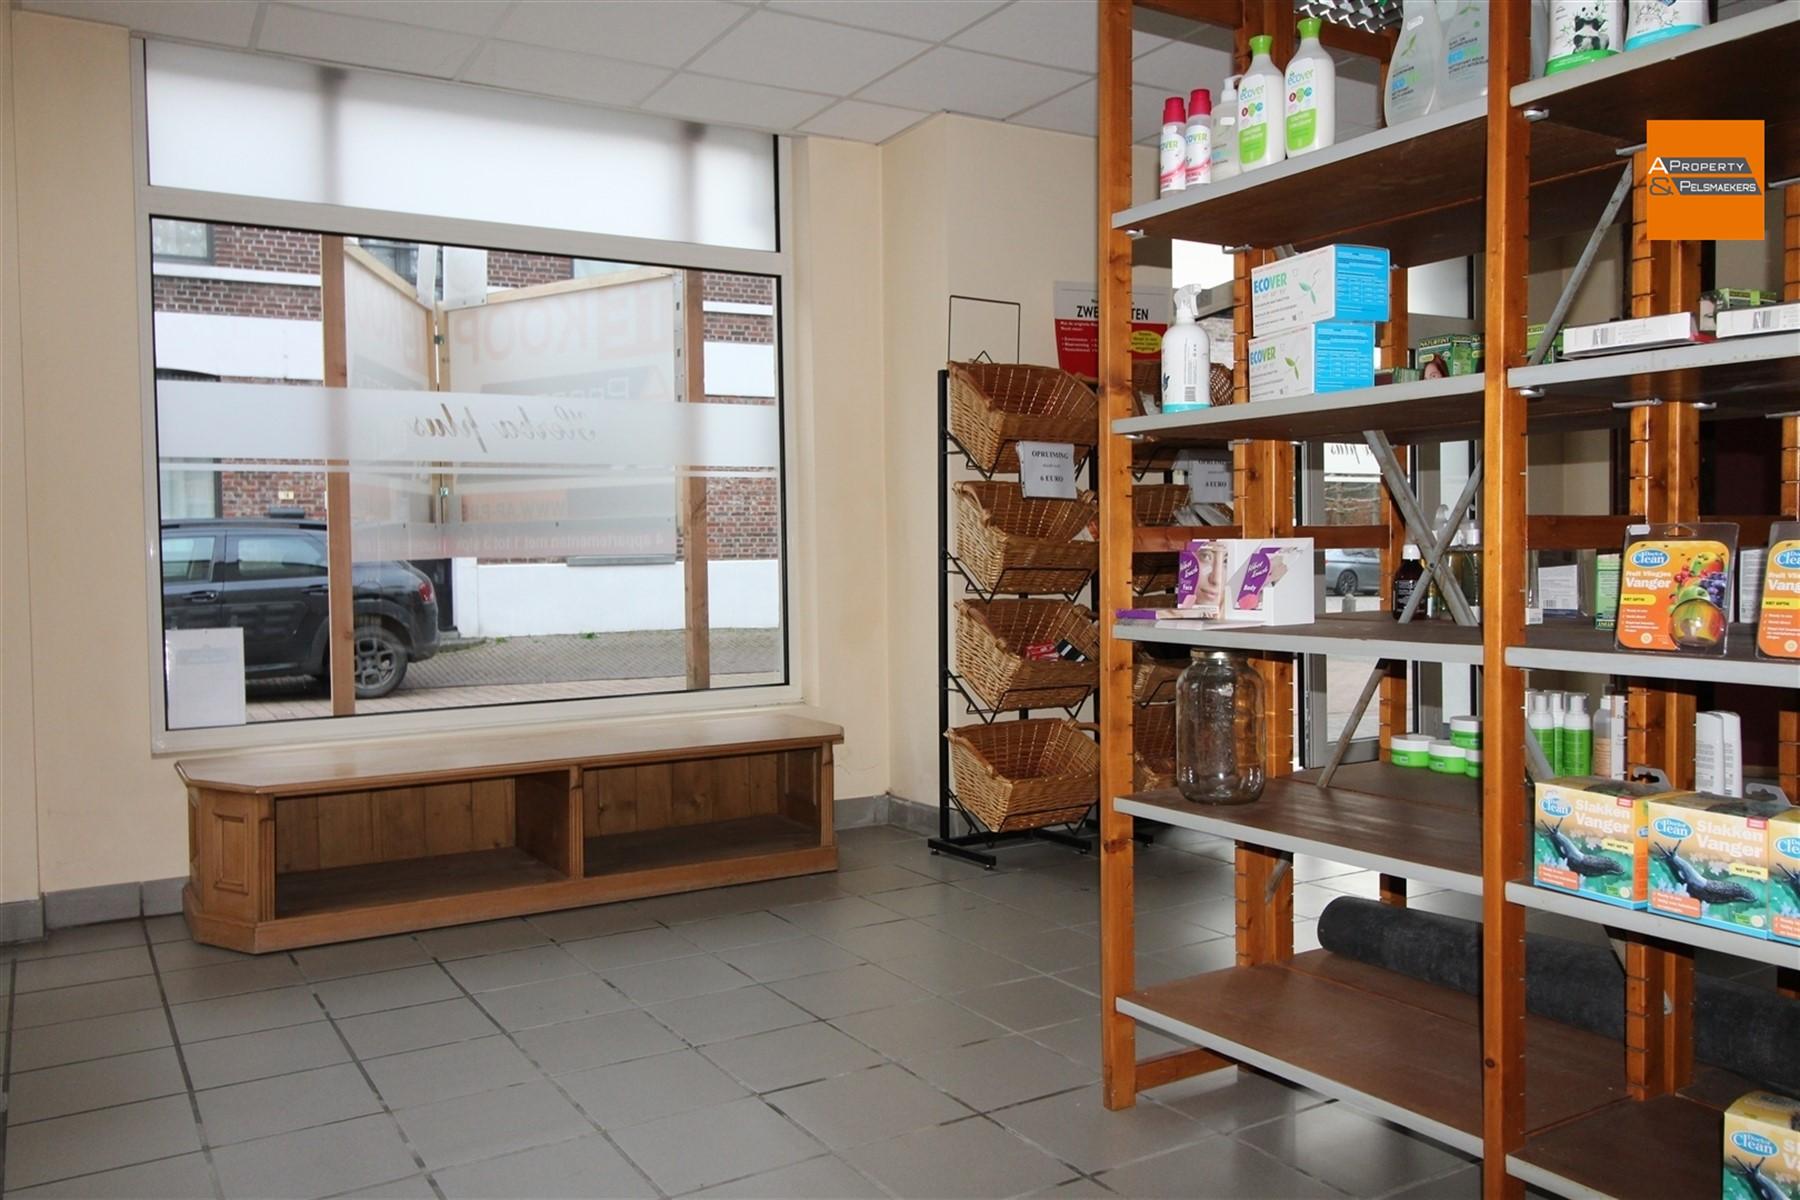 Foto 5 : Winkelruimte in 3272 TESTELT (België) - Prijs € 850